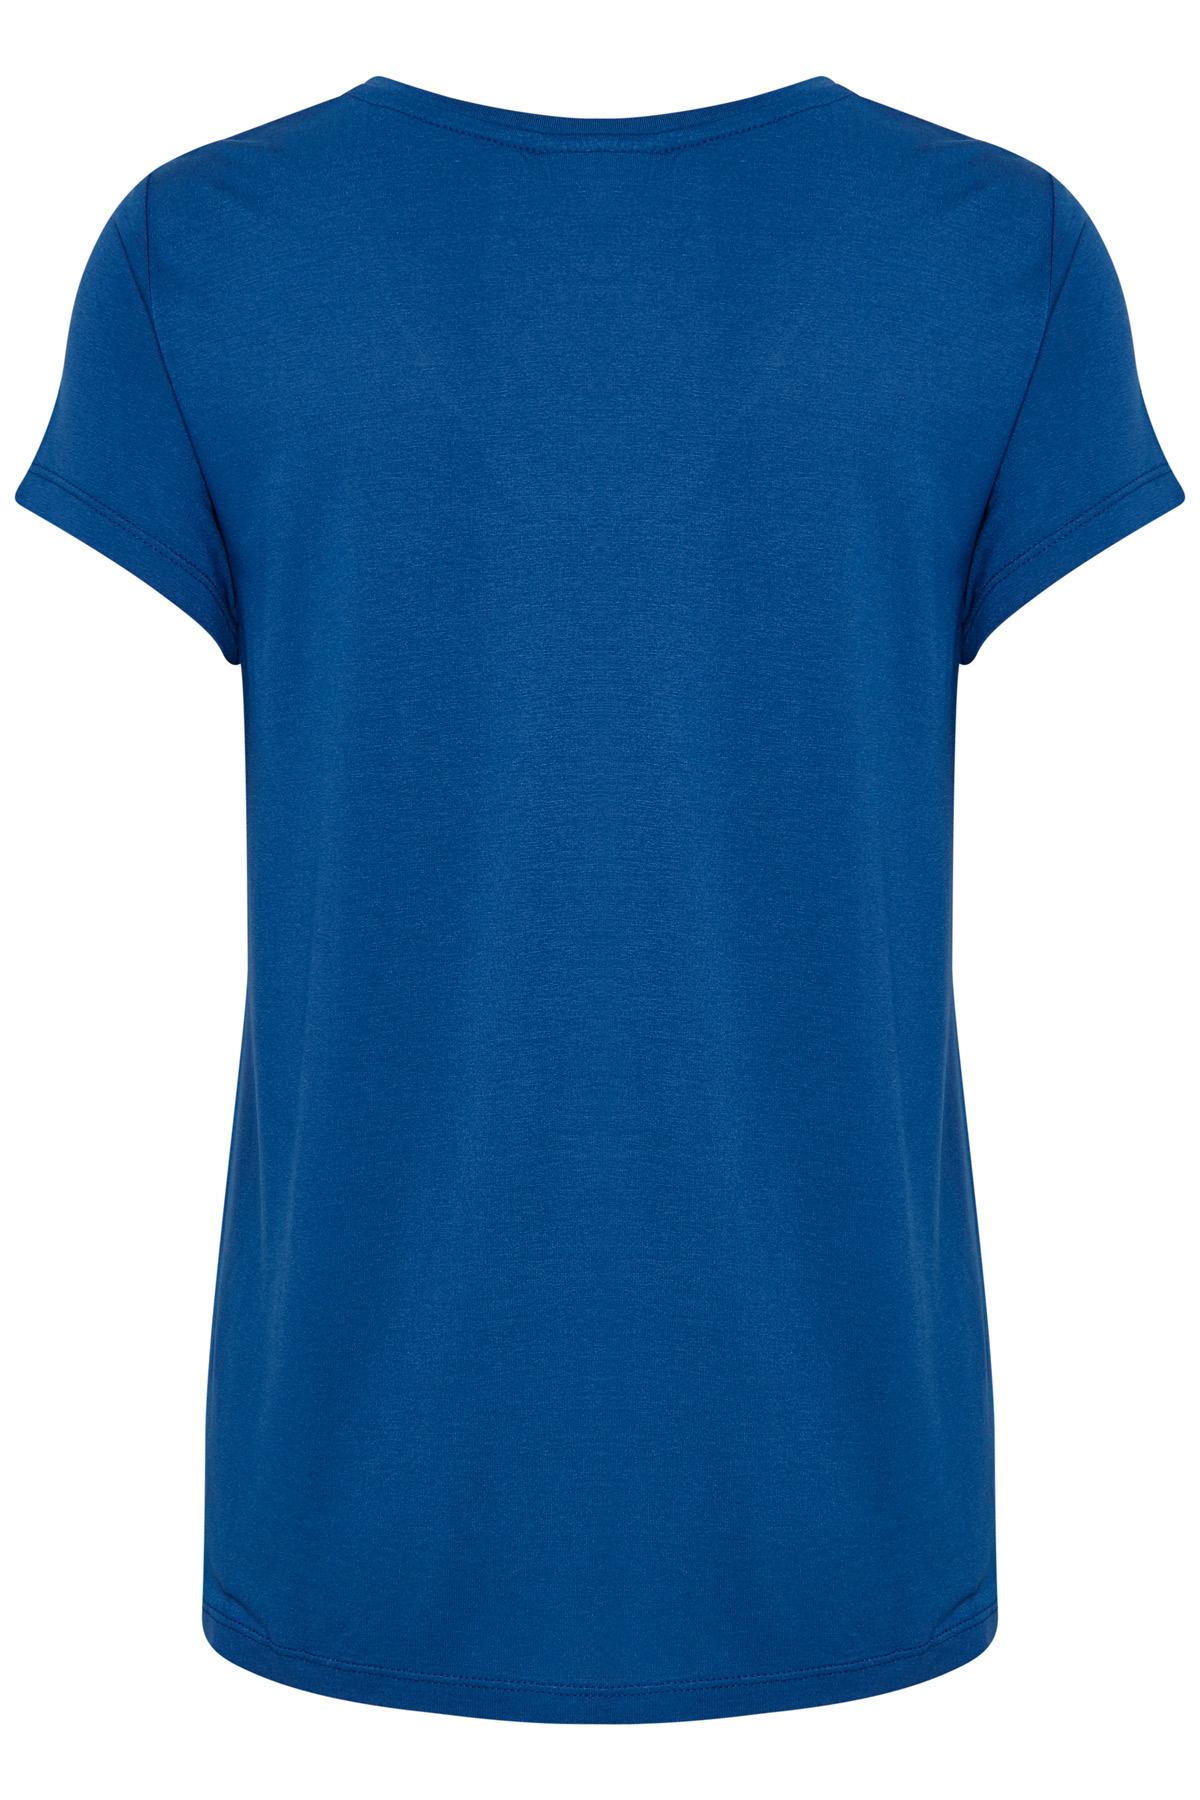 Blå Kortärmad T-shirt från Kaffe – Köp Blå Kortärmad T-shirt från stl. XS-XXL här